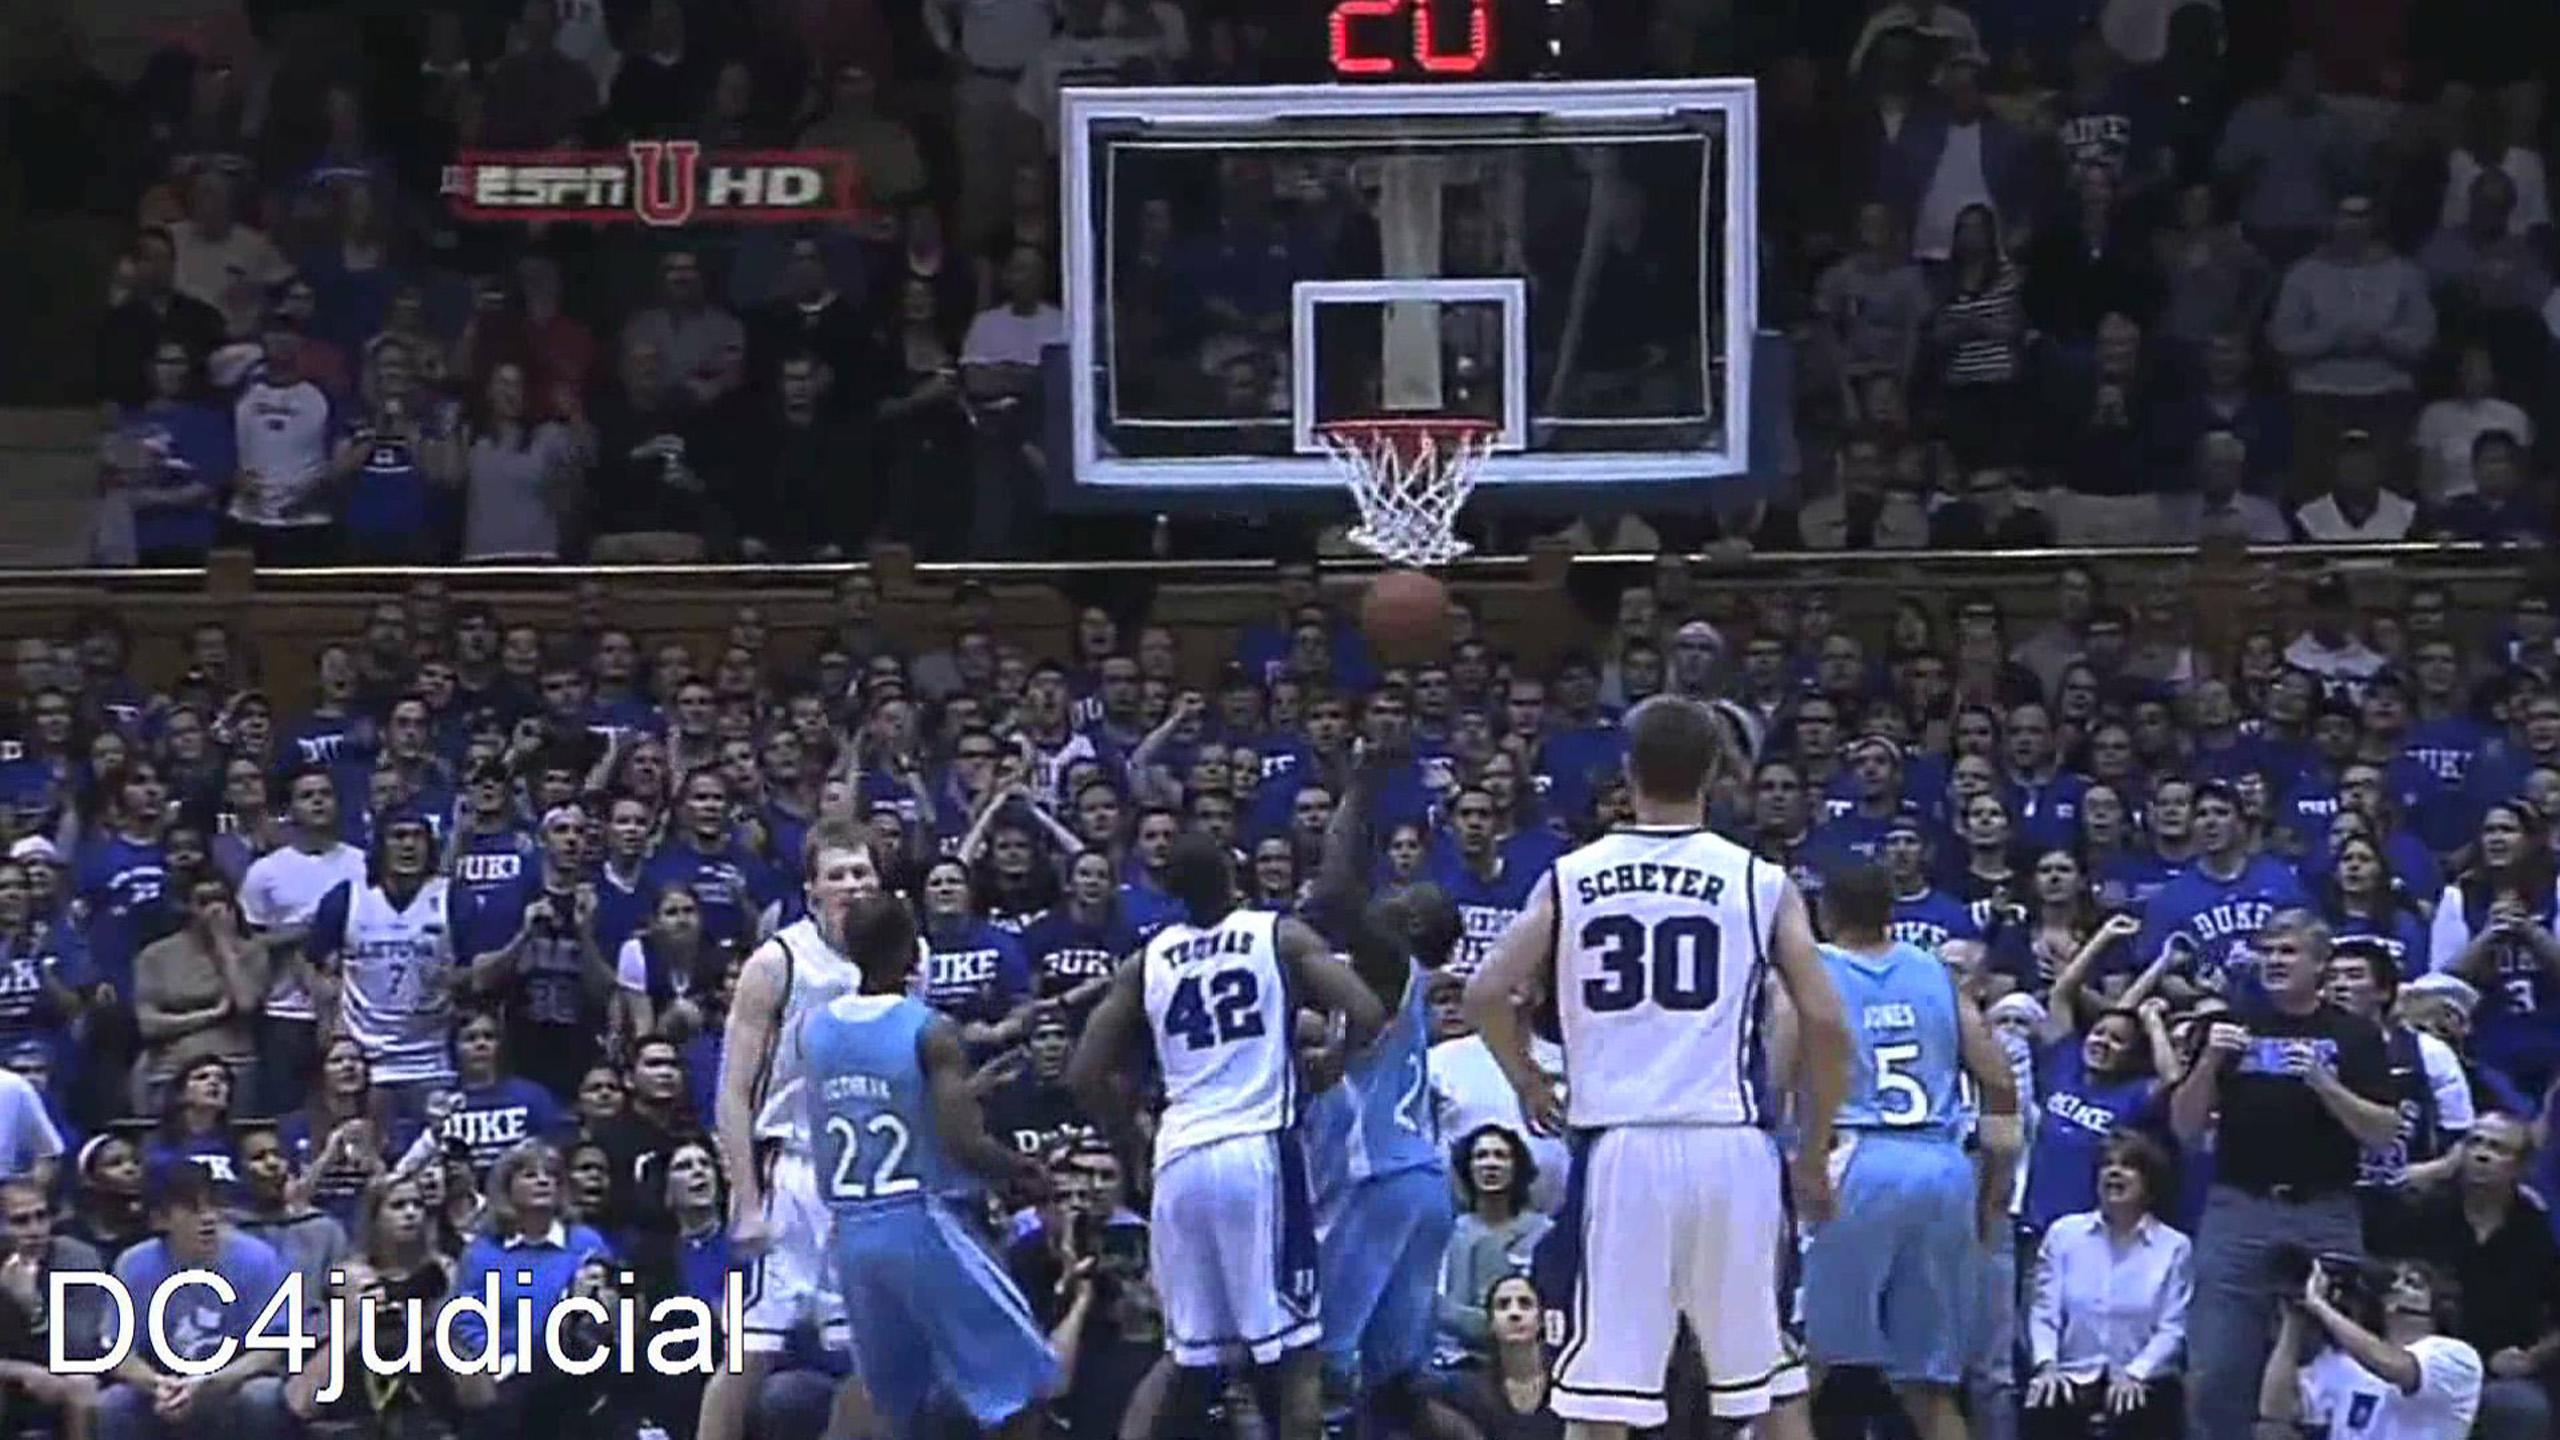 Duke basketball wallpapers